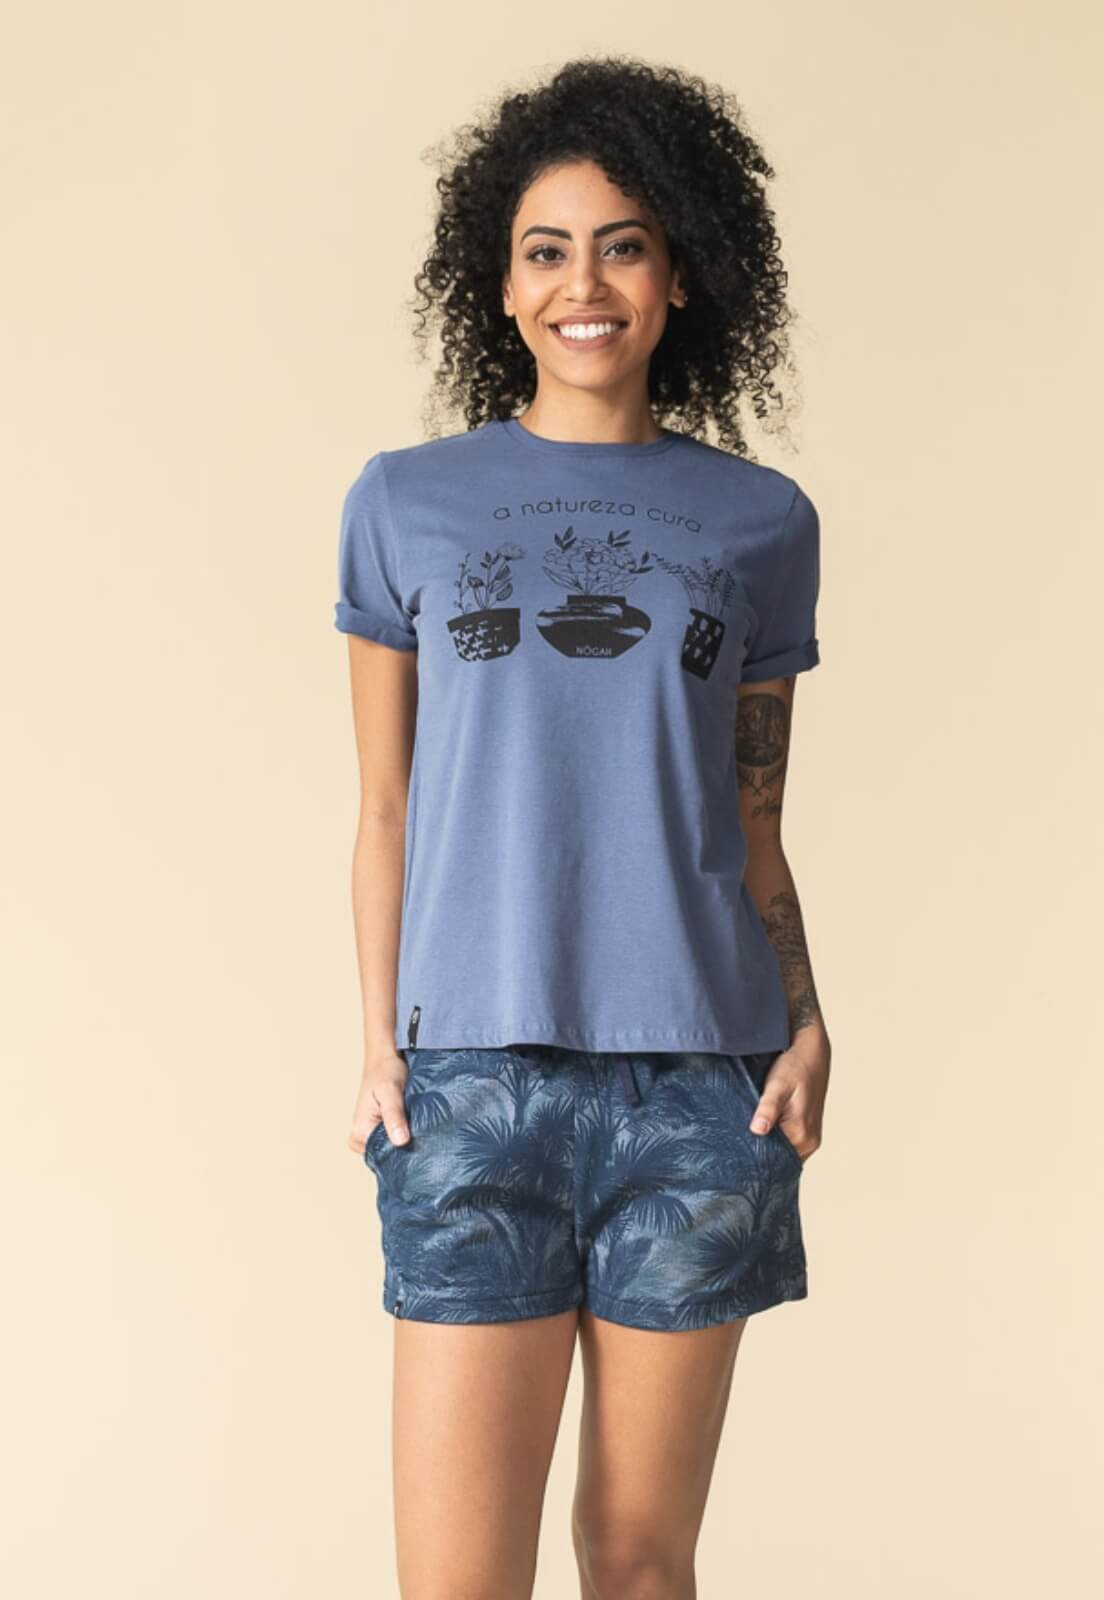 T-shirt Nogah Natureza Cura Azul